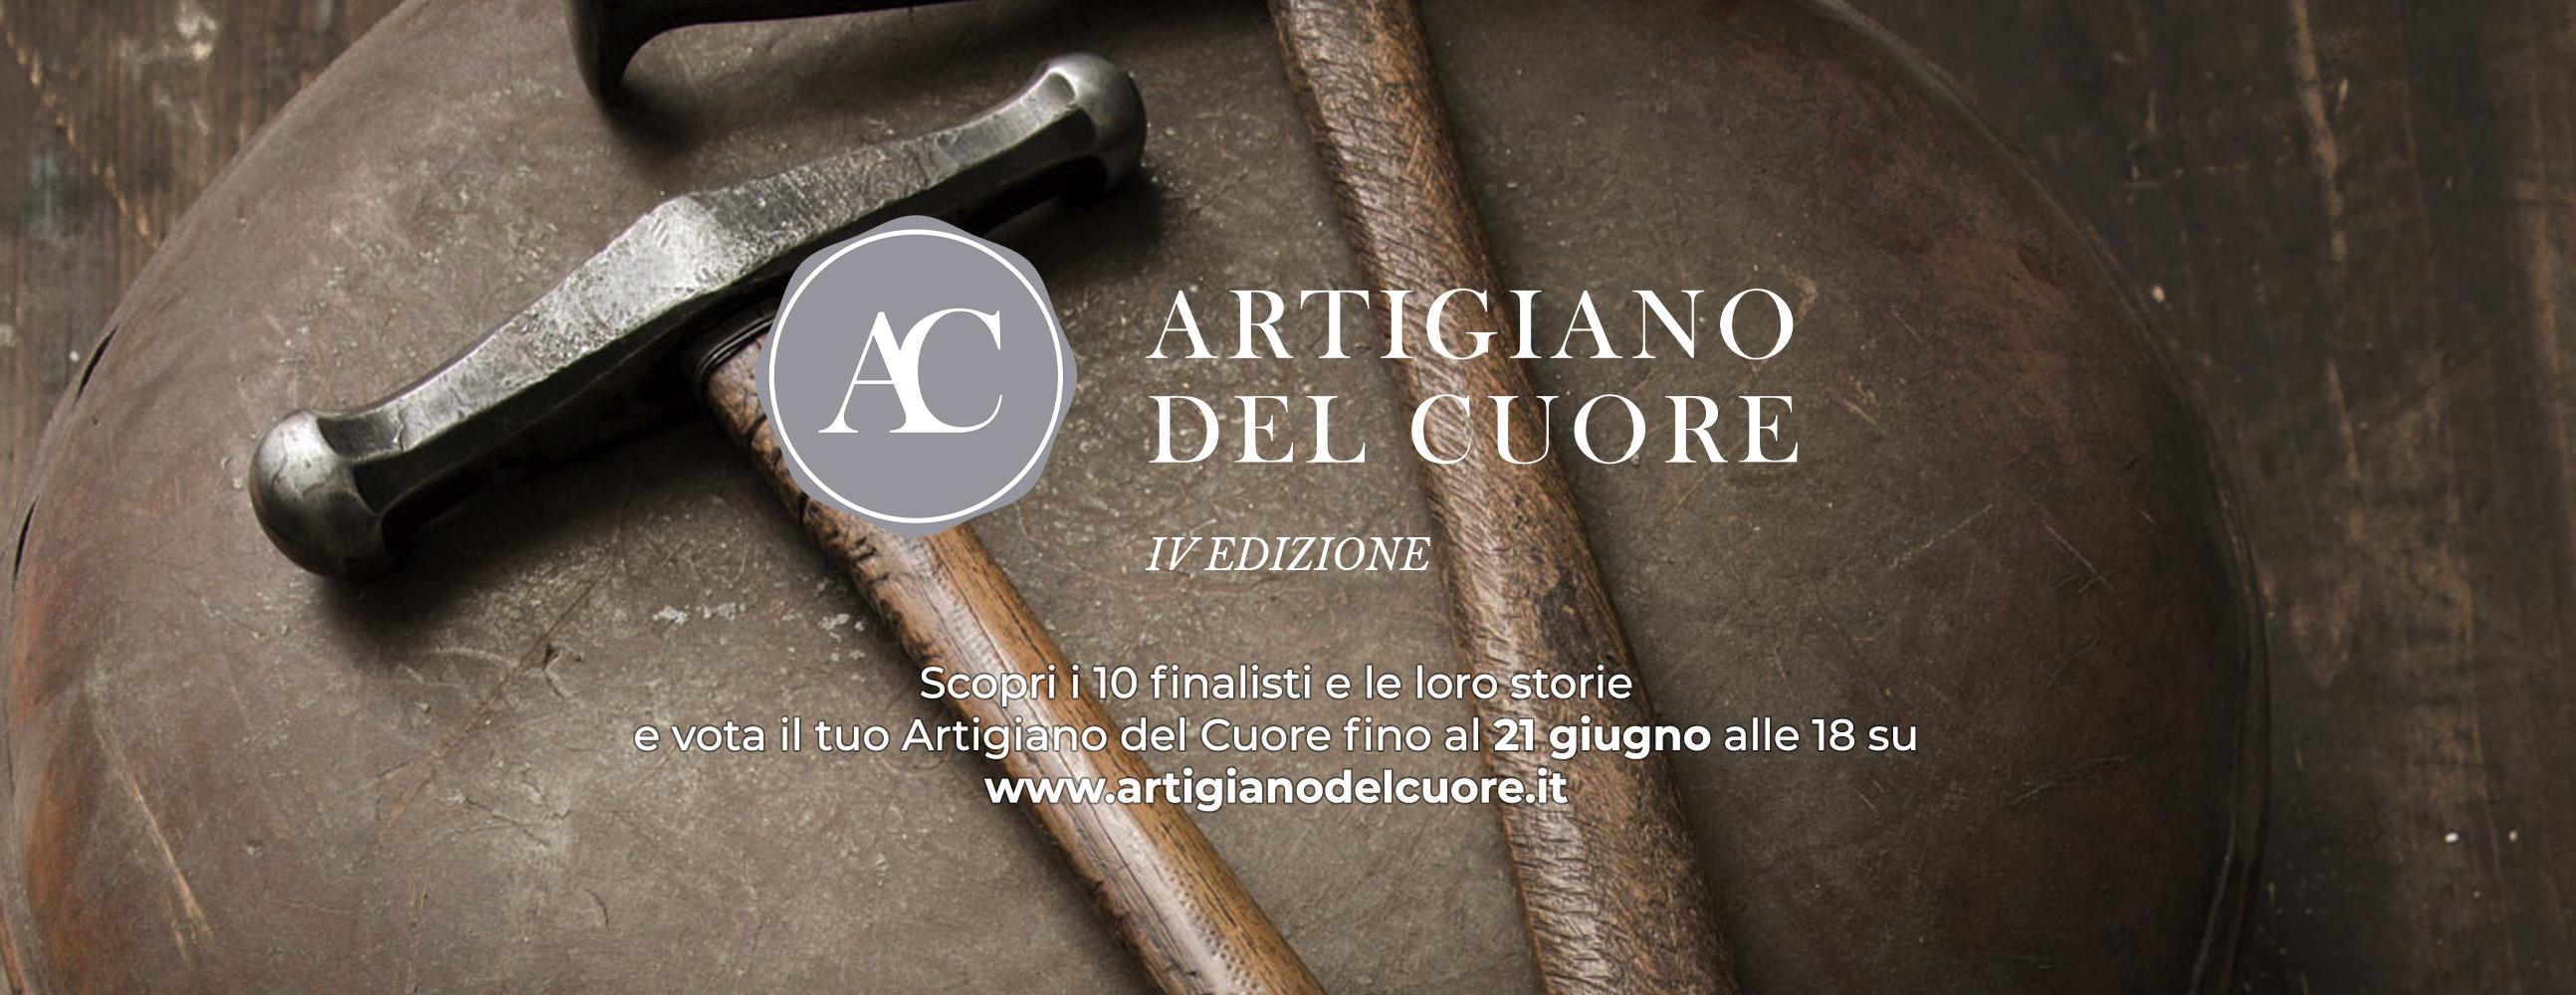 Artigiano del Cuore 2021: vi presentiamo i 10 finalisti